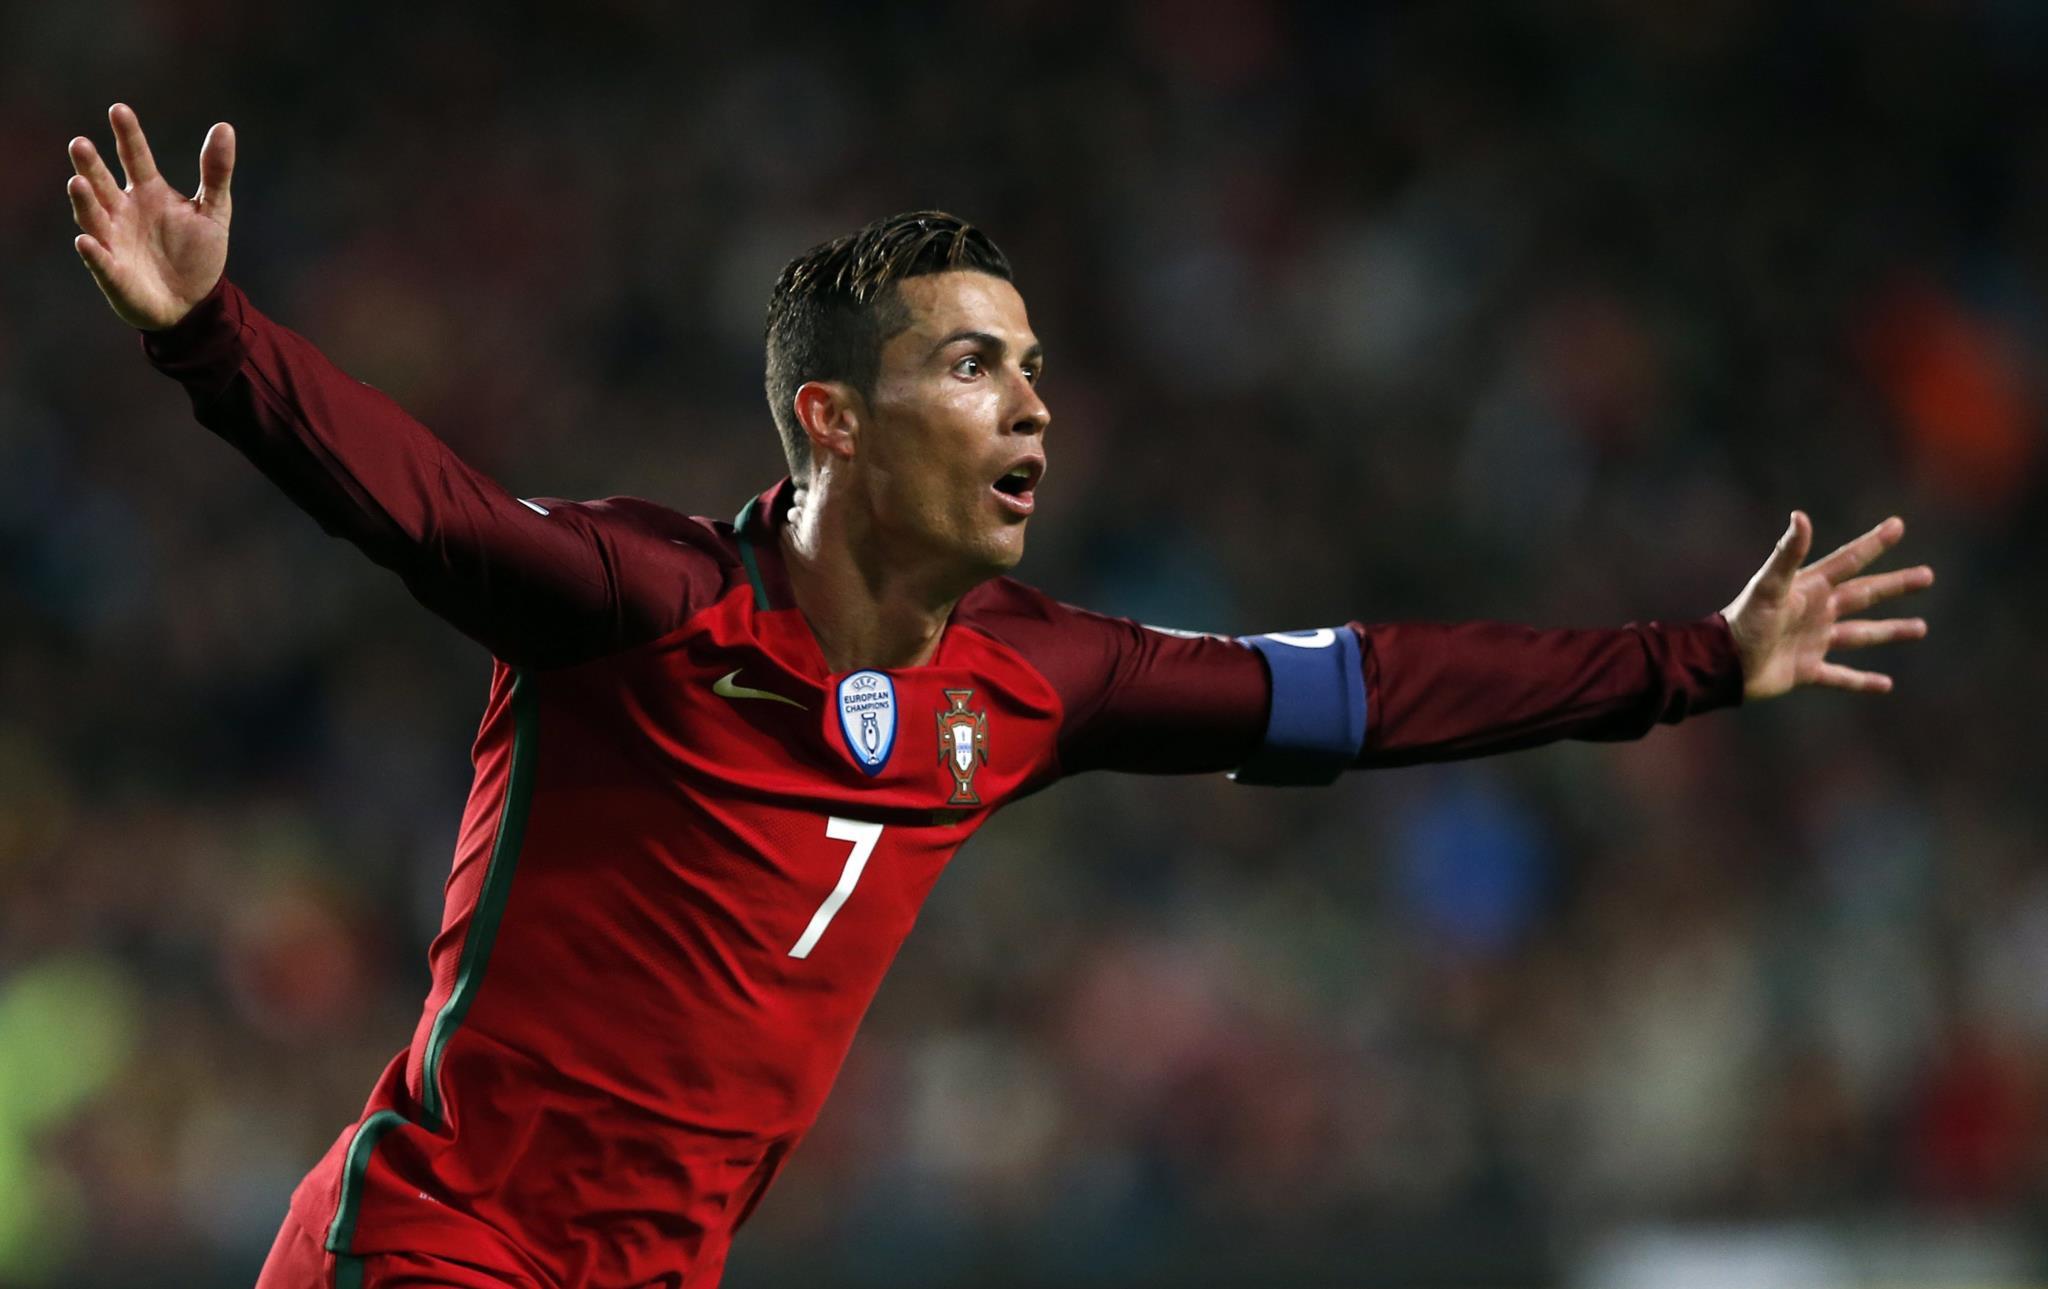 PÚBLICO - Cristiano Ronaldo vs. Alberto João Jardim